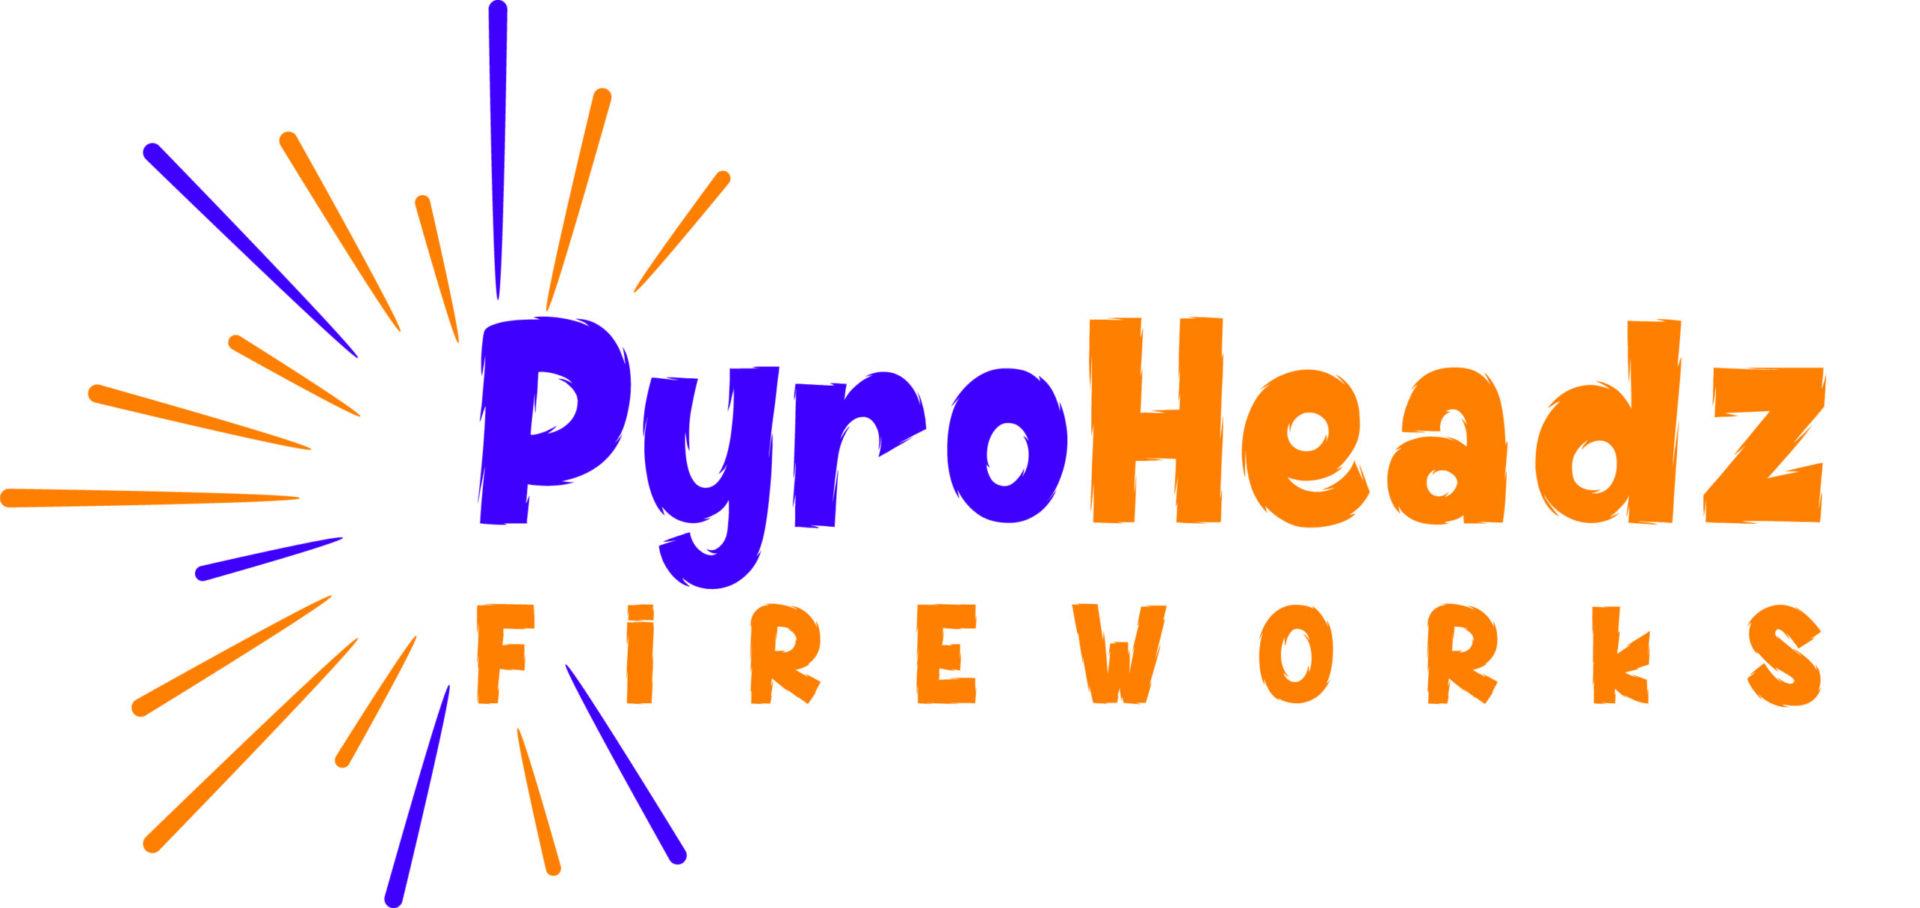 Pyroheadz